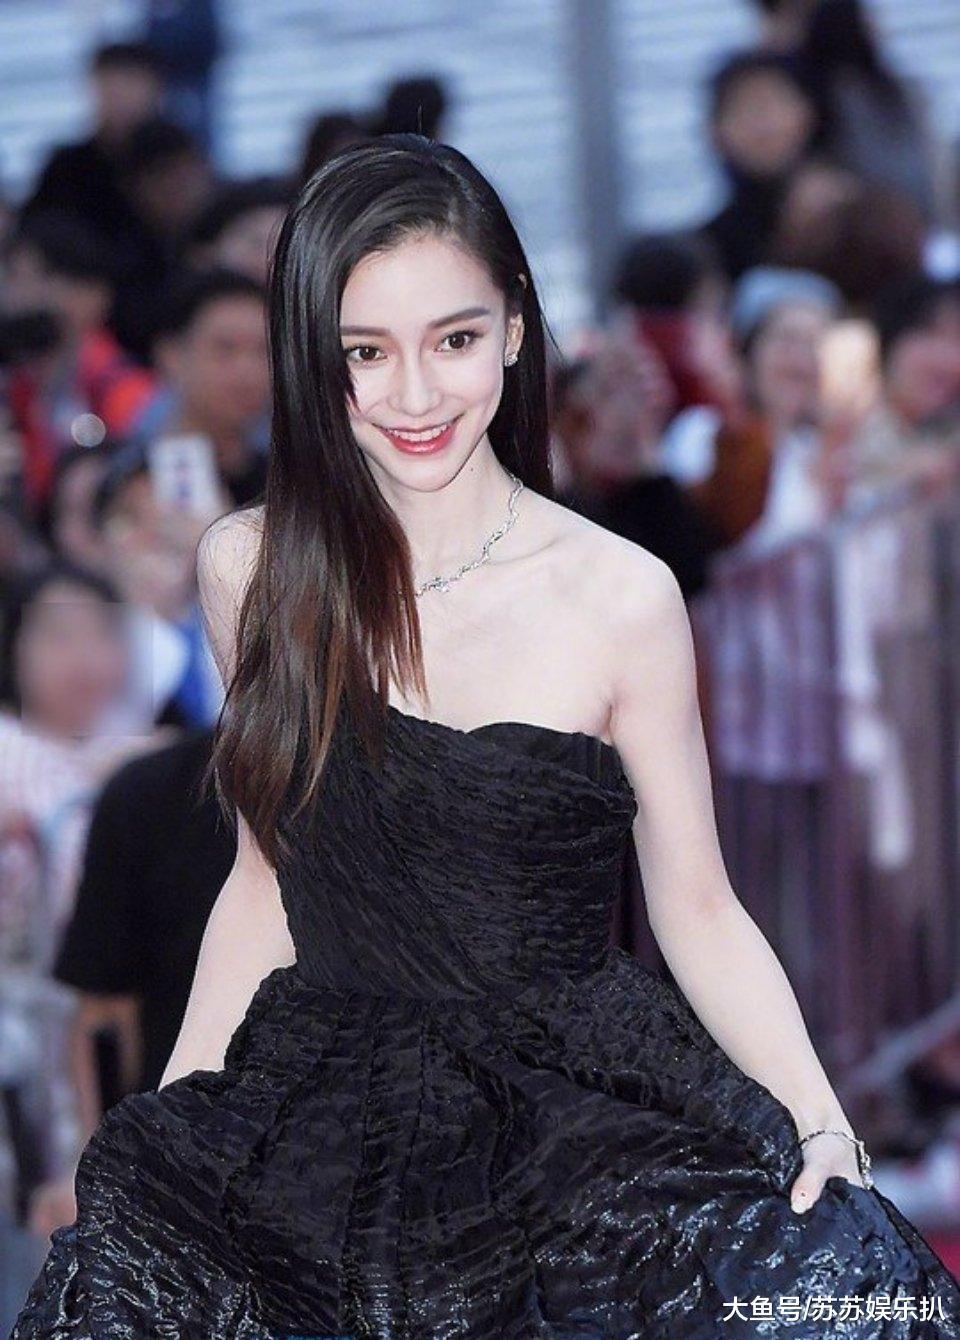 Angelababy釜山走红毯,未修图这身材尴尬了,刚下车外国男人的眼神亮了